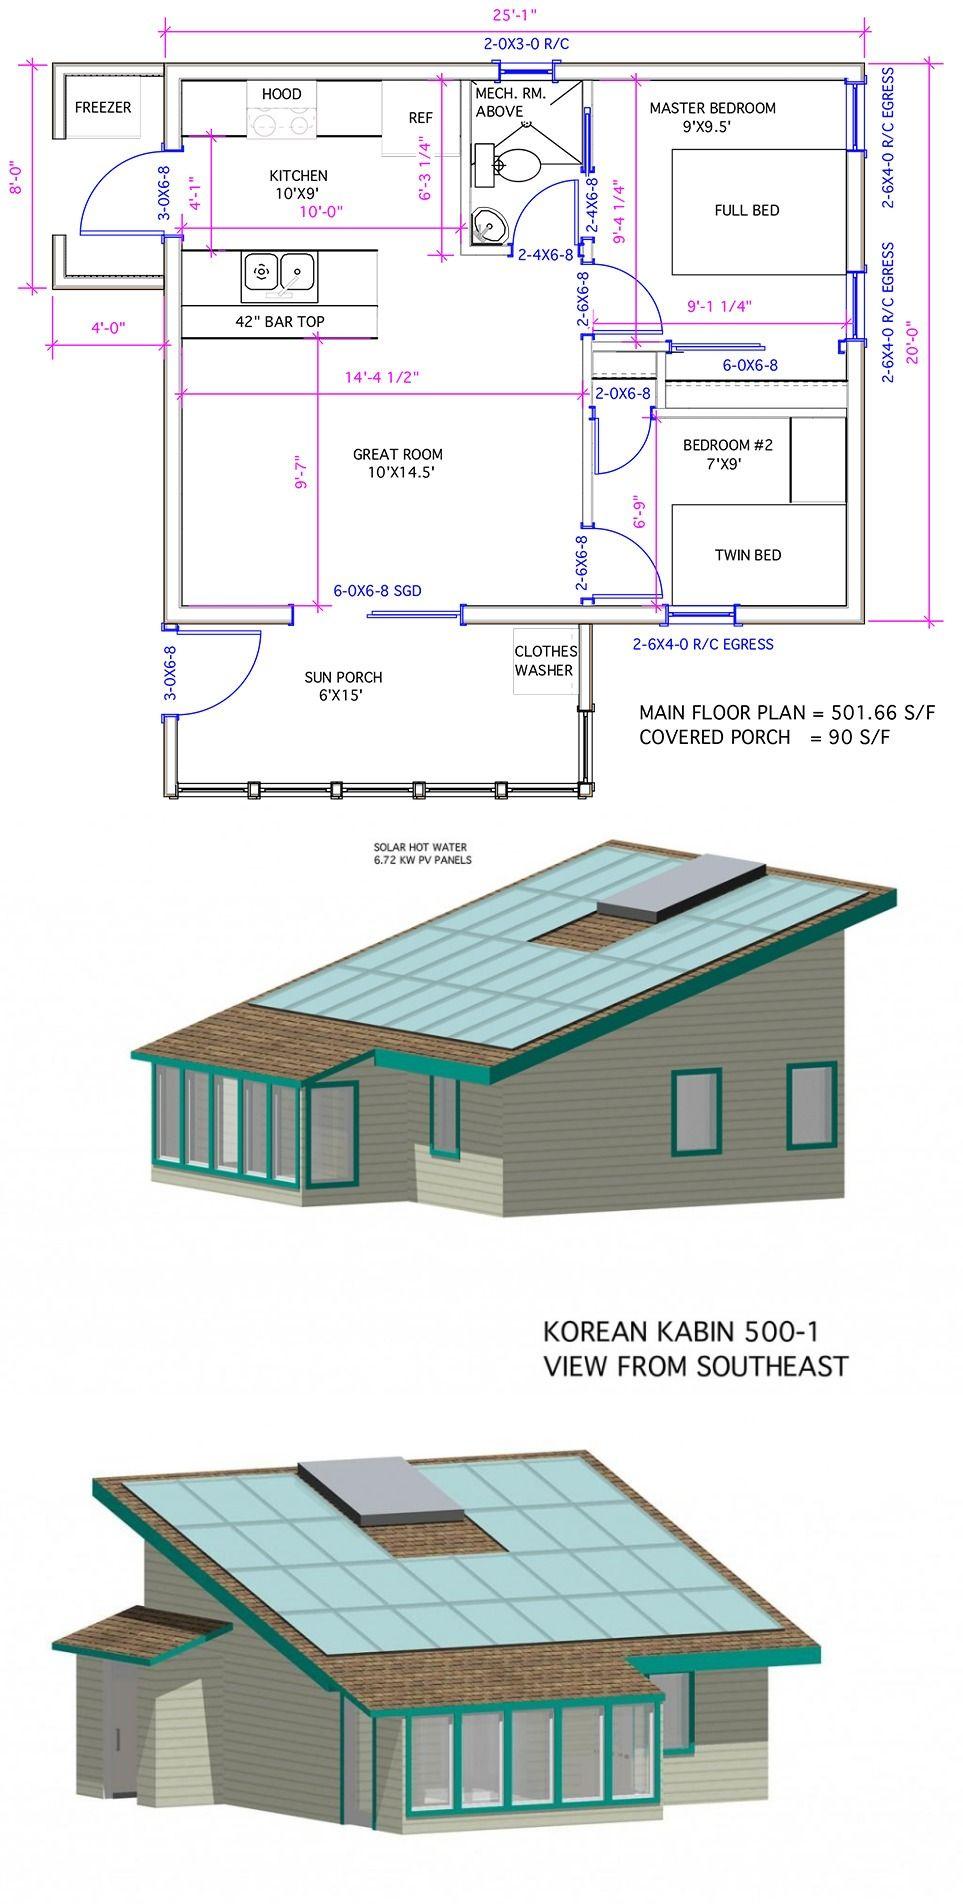 500 Sq Ft Model Is Korean Kabin Originally Designed For Developer In East Asian Market Huge Roof Area For Mechanical Room House Plans Zero Energy House